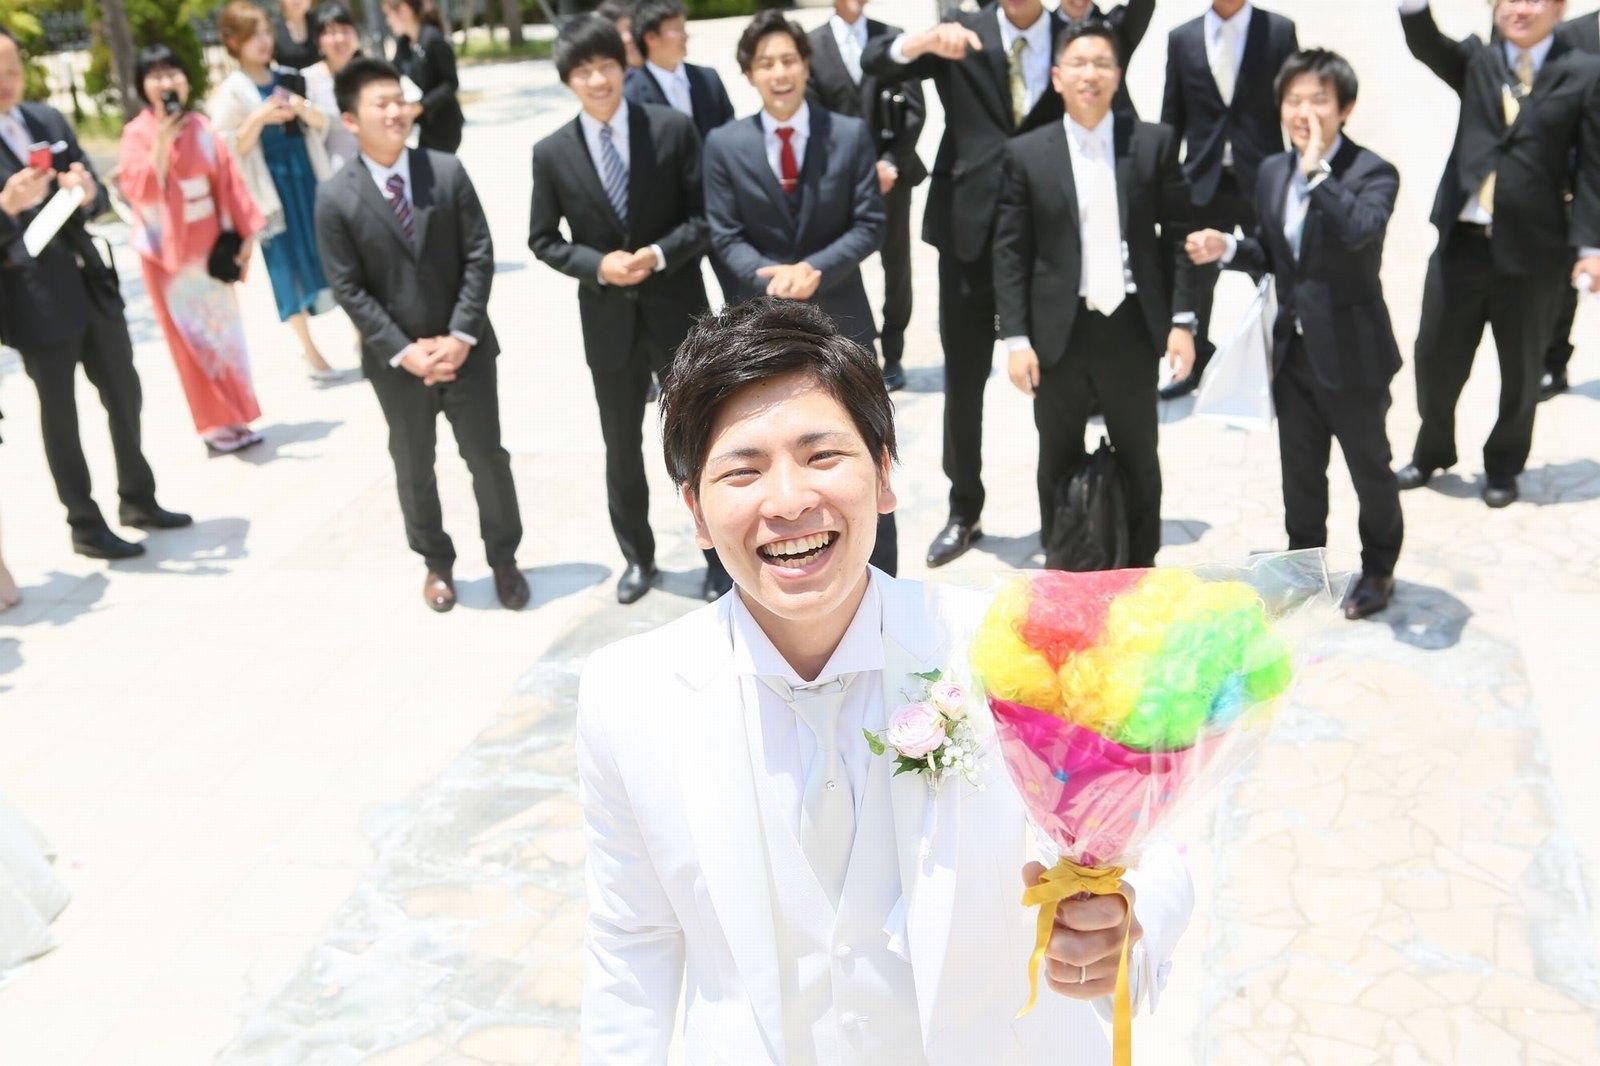 香川県の結婚式場シェルエメール&アイスタイルのアフロトス